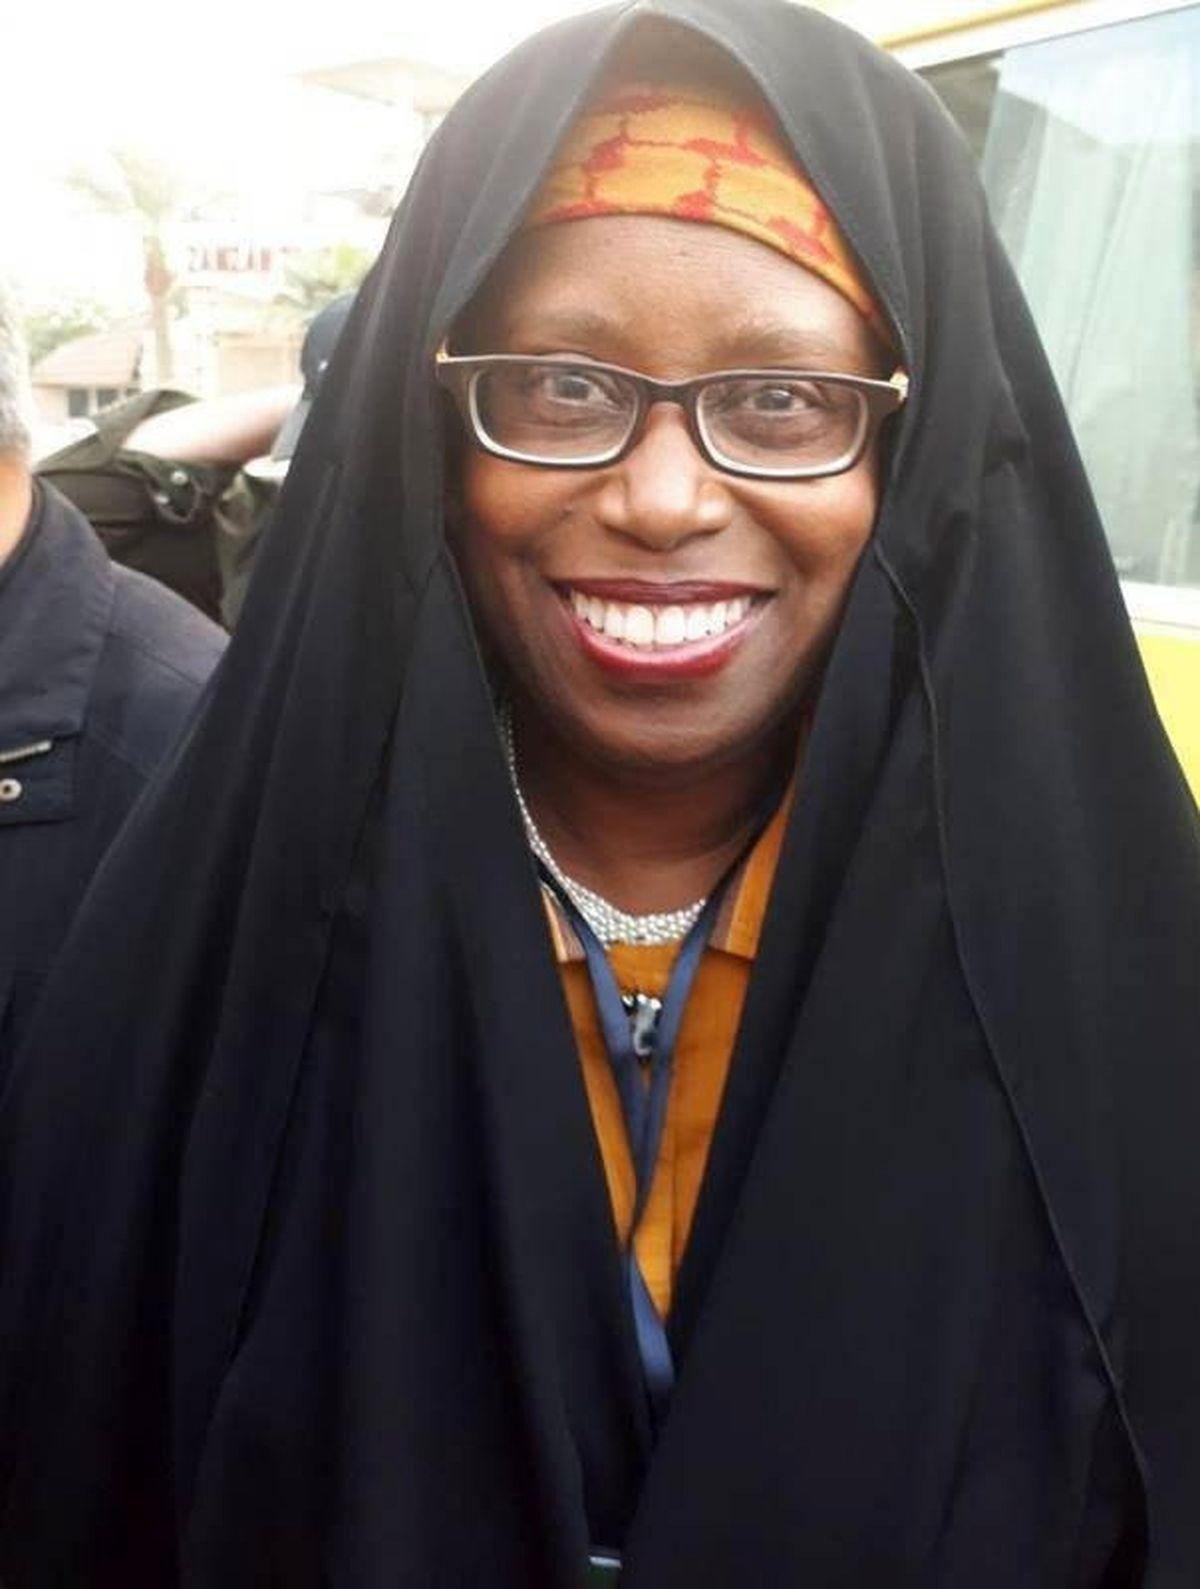 نماینده زن کنگره آمریکا درپیادهروی اربعین +عکس